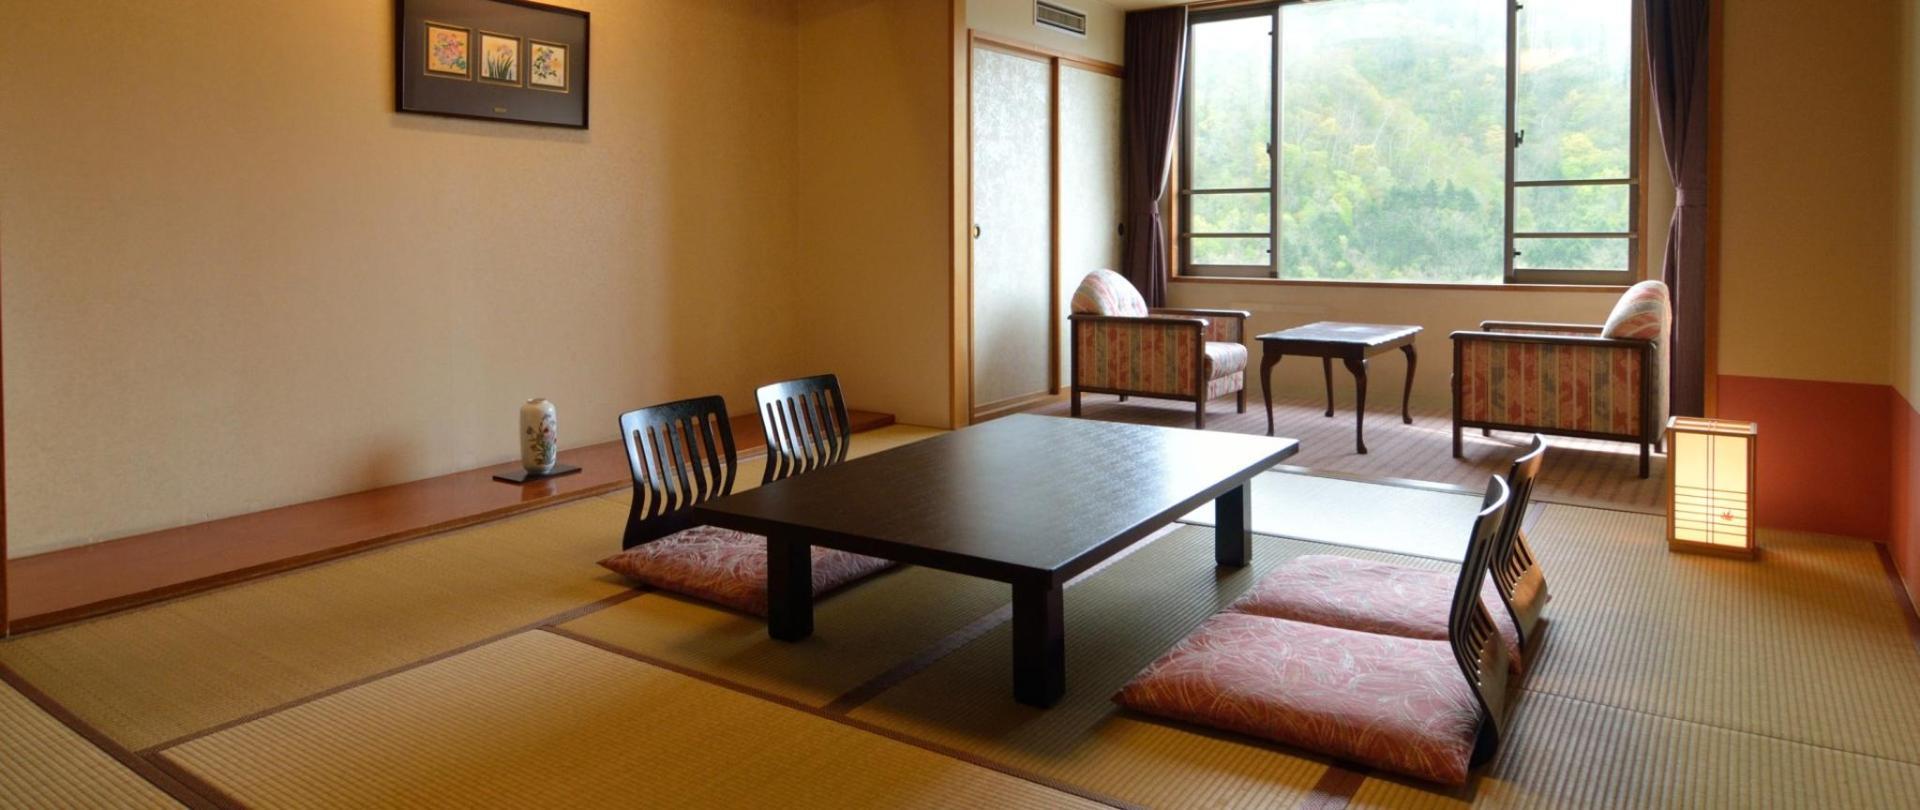 渓谷側和室10畳 (1)1920×810②.jpg